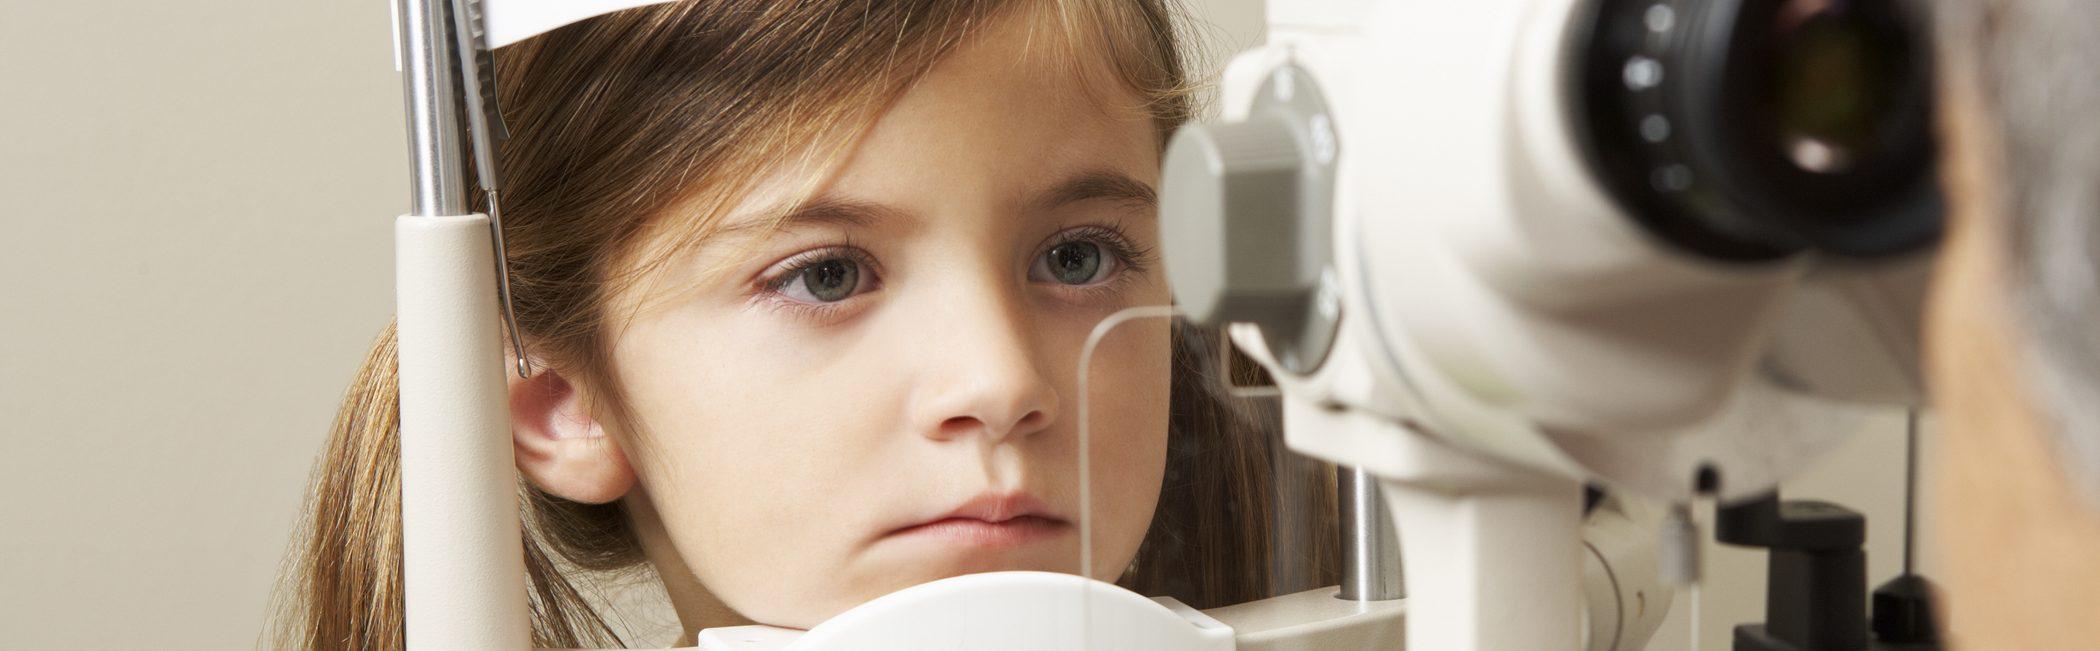 Optometrisch oogonderzoek kind